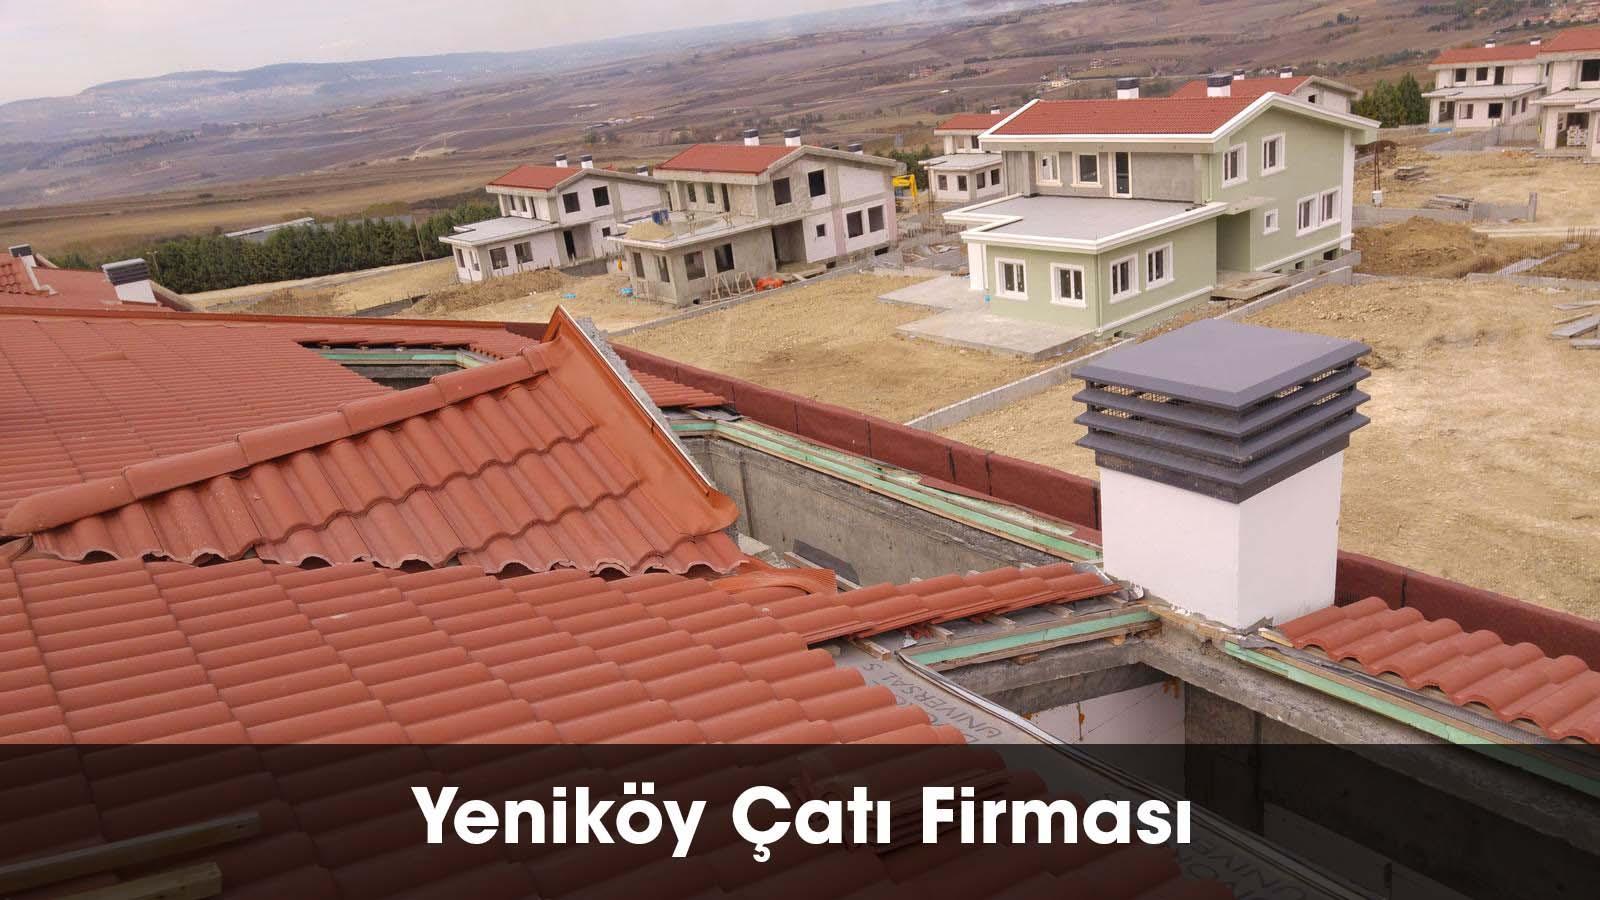 Yeniköy çatı firması